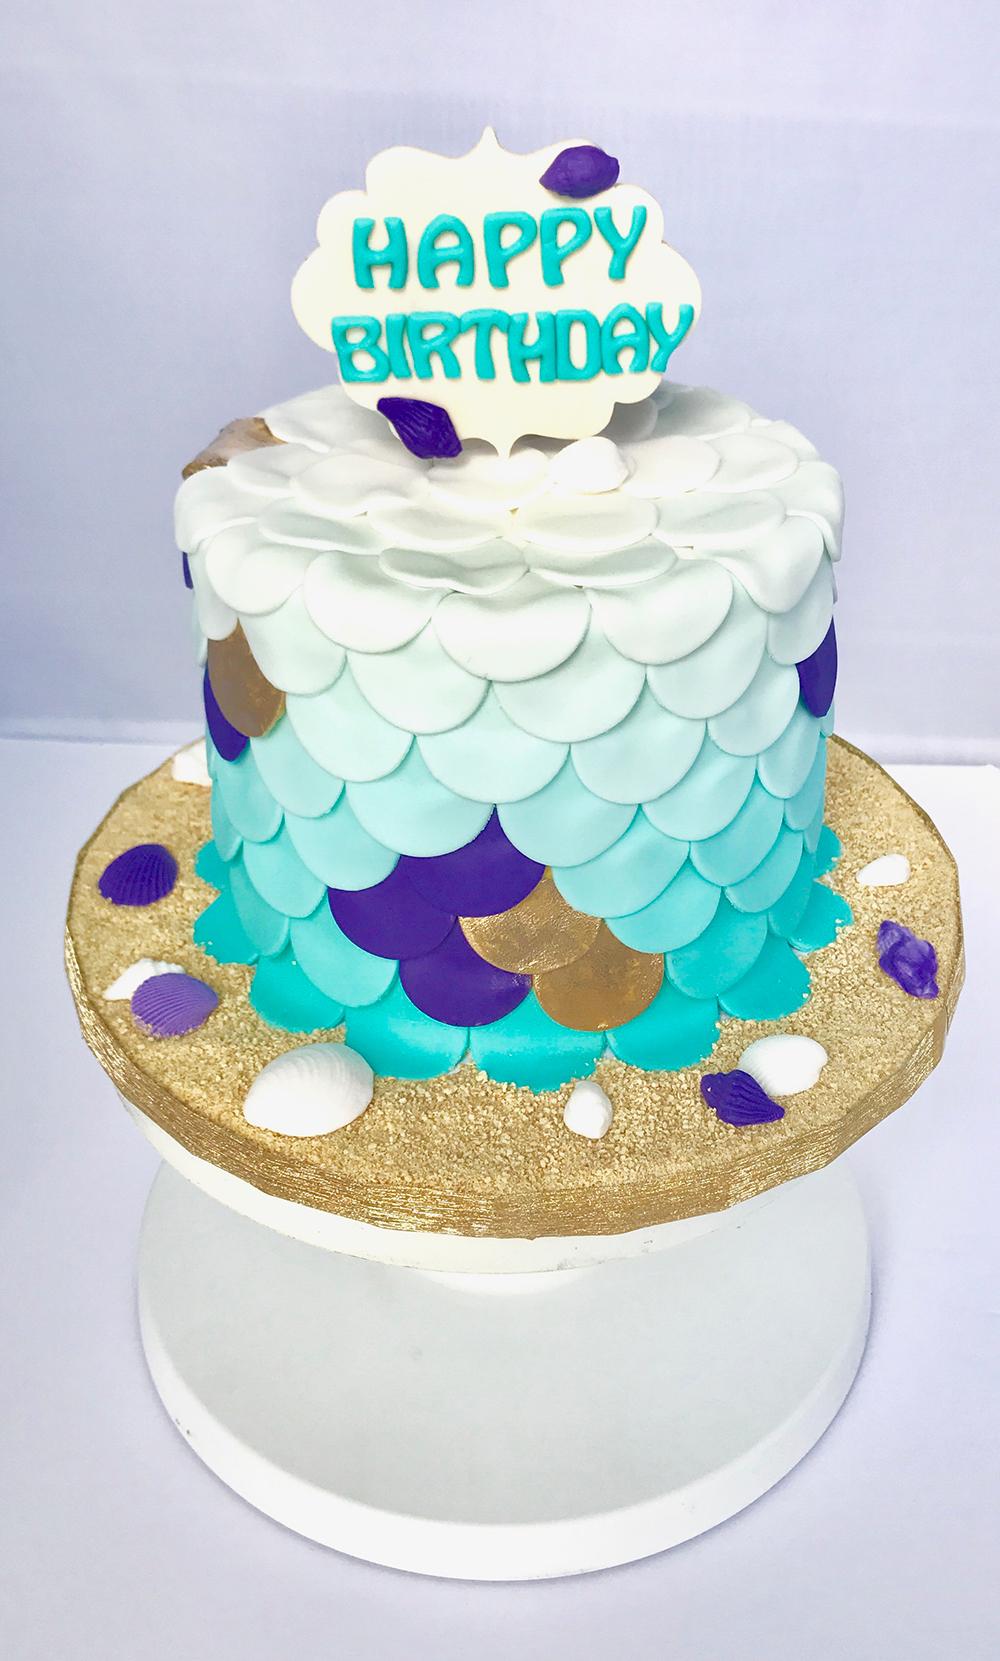 custom birthday cake chefness bakery kosher cake